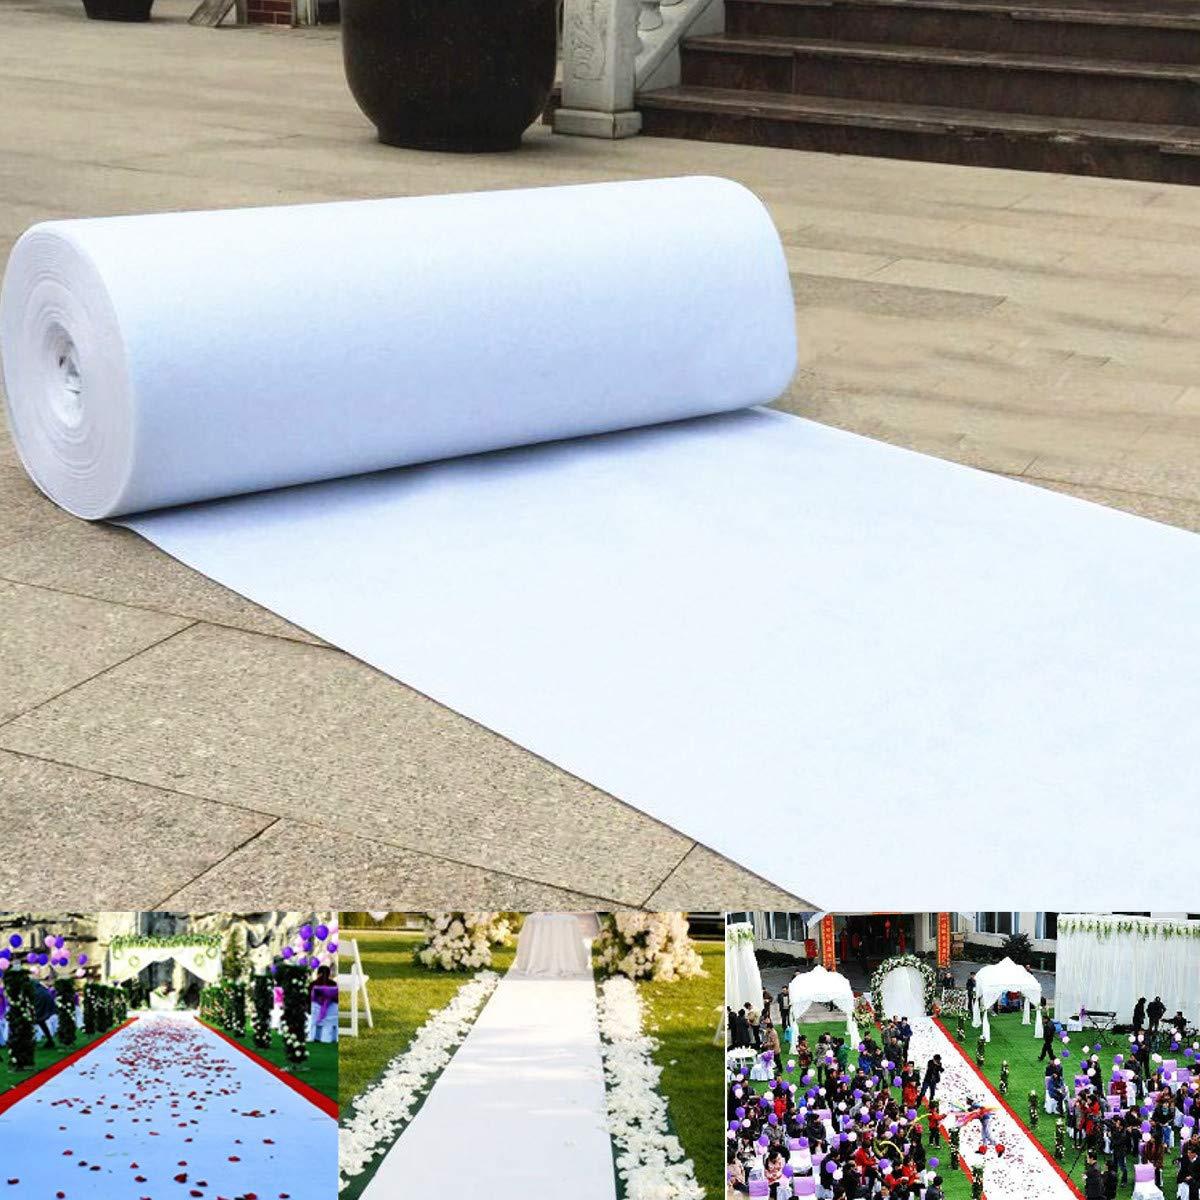 KDFHGLA 白いウェディングカーペット通路のランナーの床の結婚式の花嫁のイベント5のサイズ (Color : Color White, Size : Size 1m*22.5m) B07N5J8CGQ Color White Size 1m*22.5m